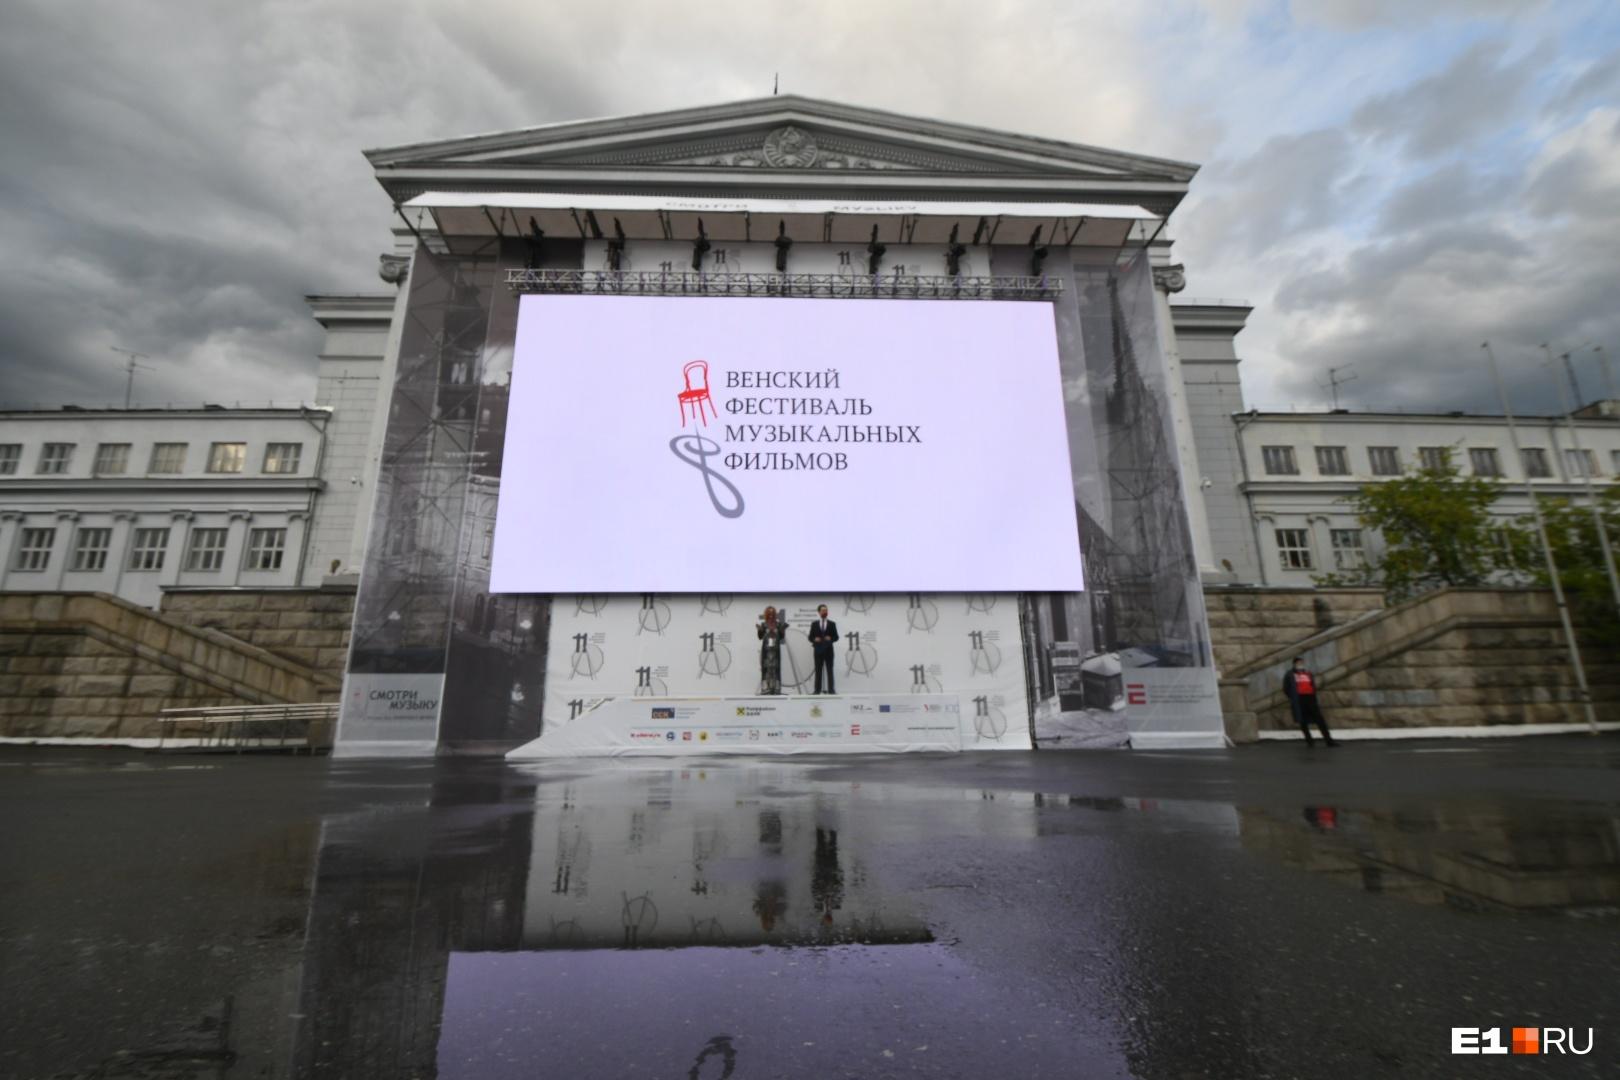 Фестиваль проходит в Екатеринбурге уже в 11-й раз